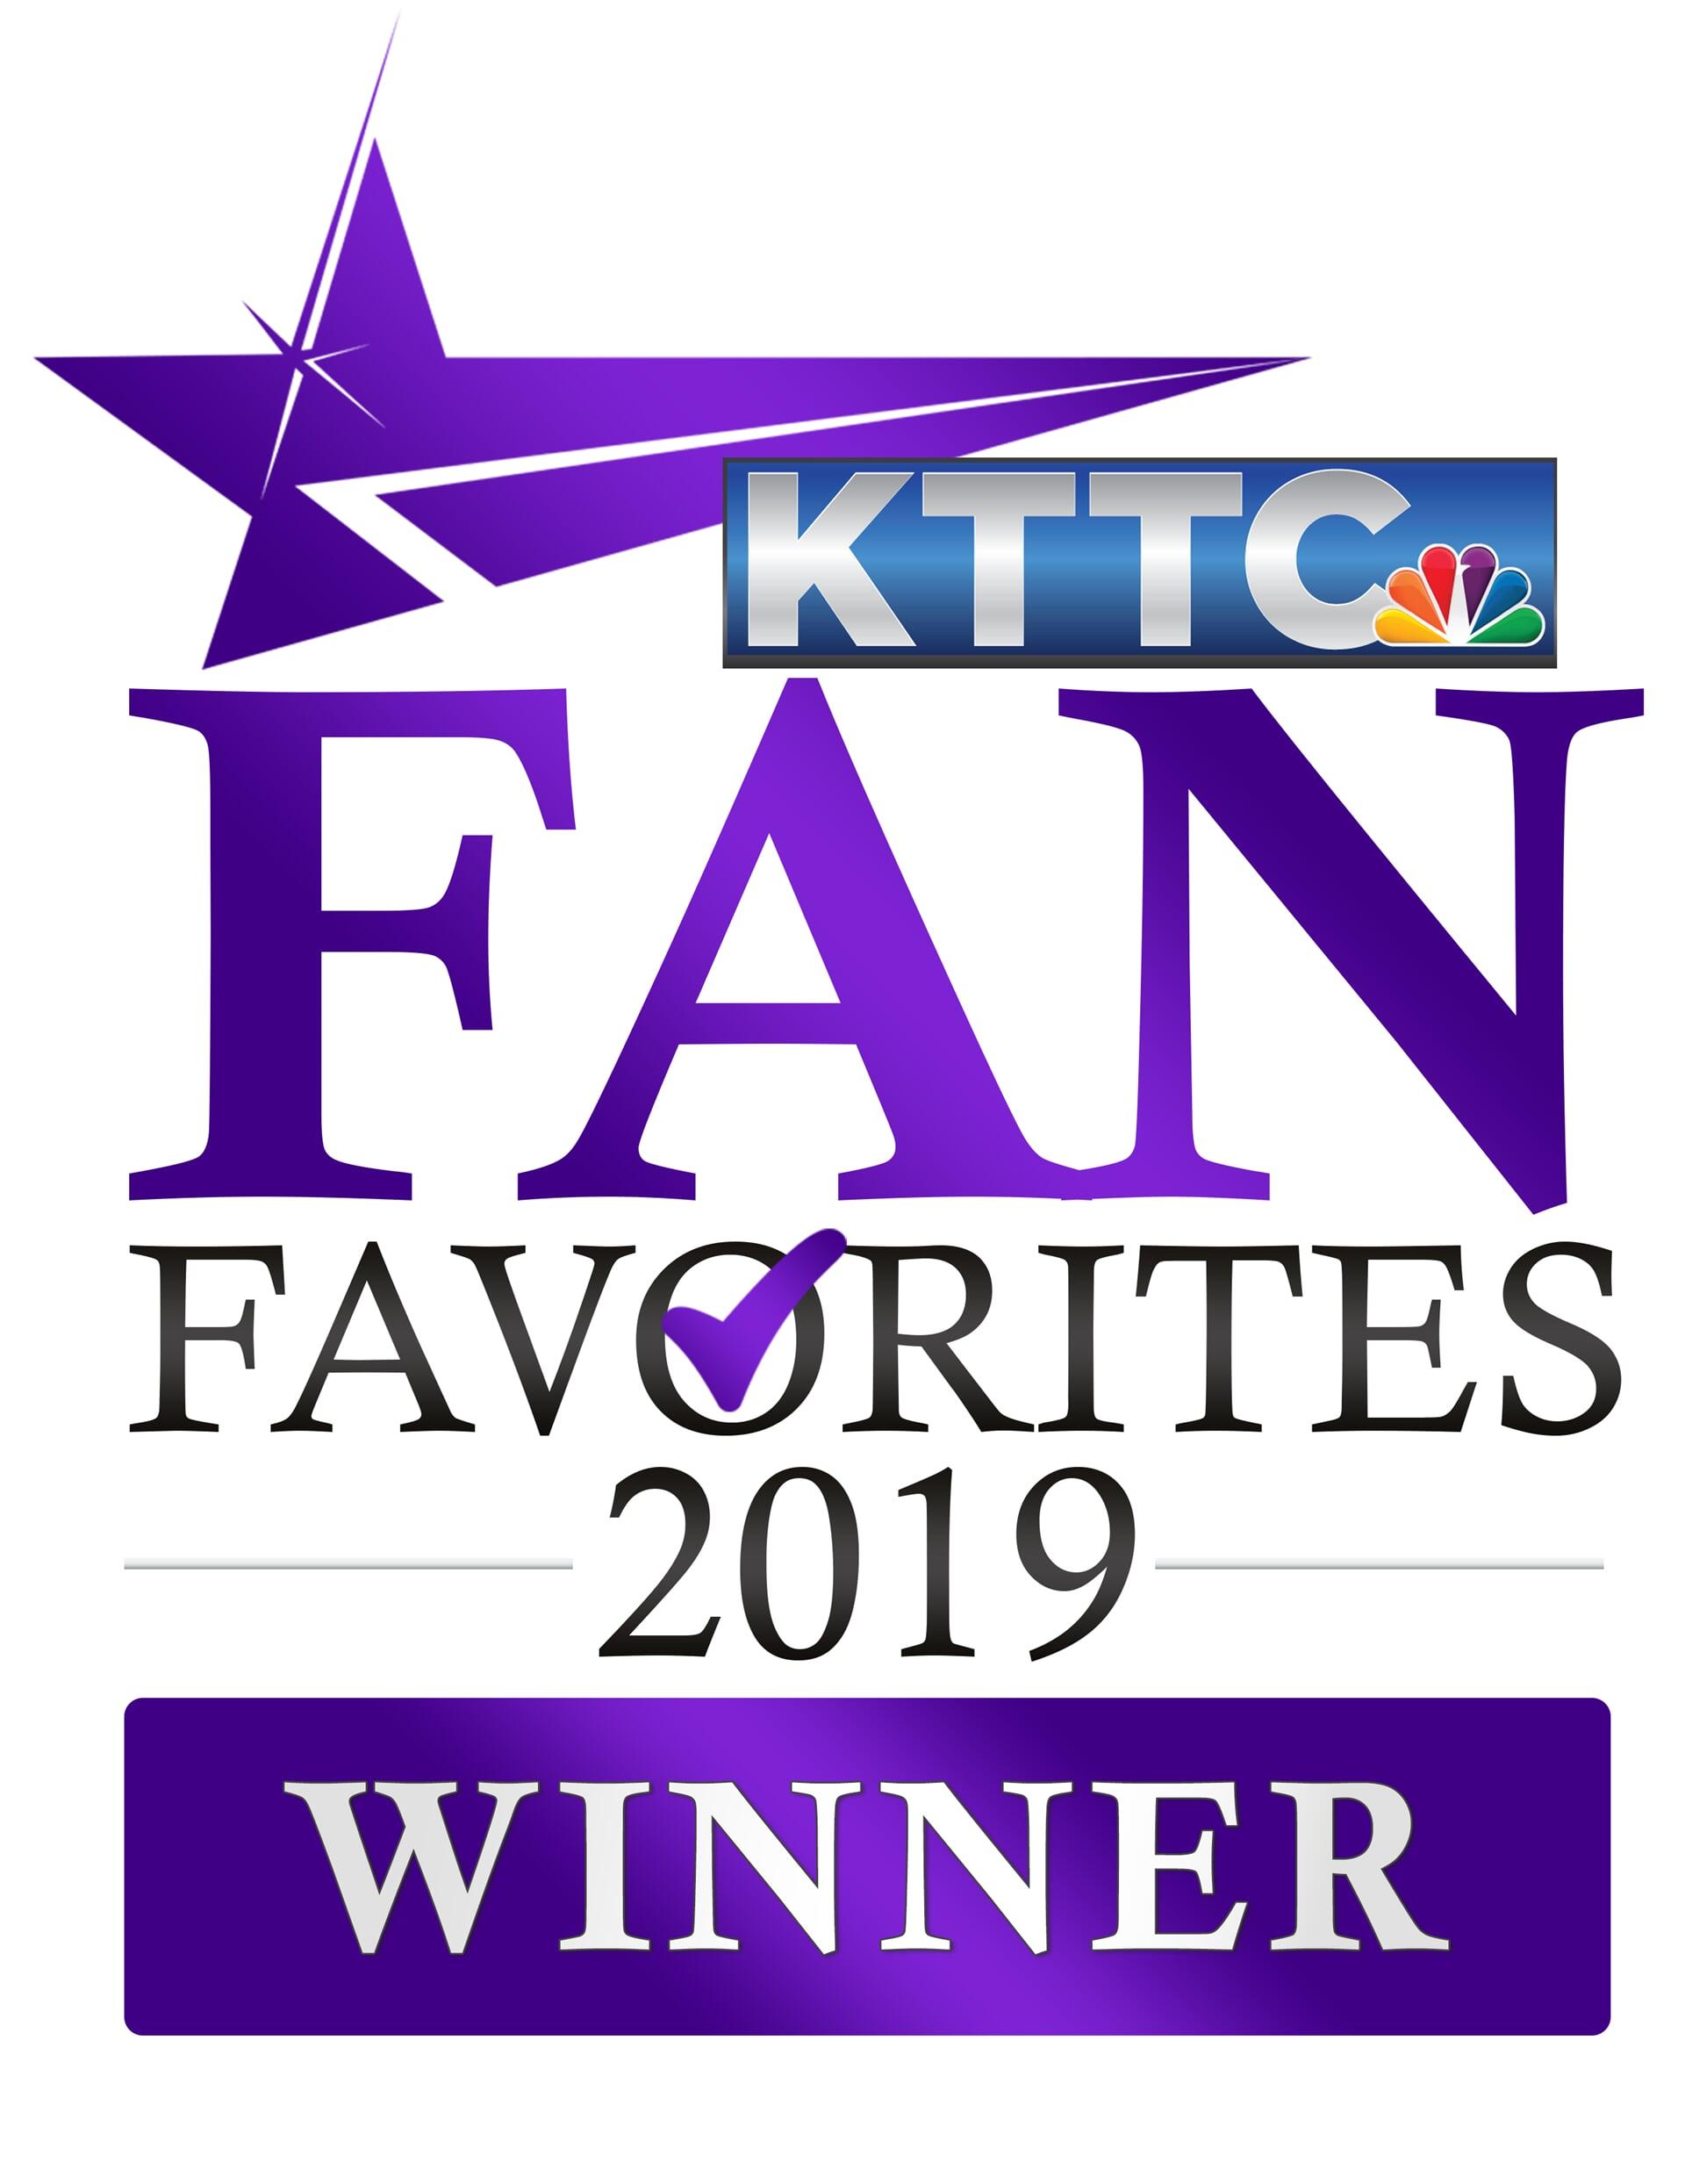 Hiller Stores is a KTTC Fan Favorites 2019 winner